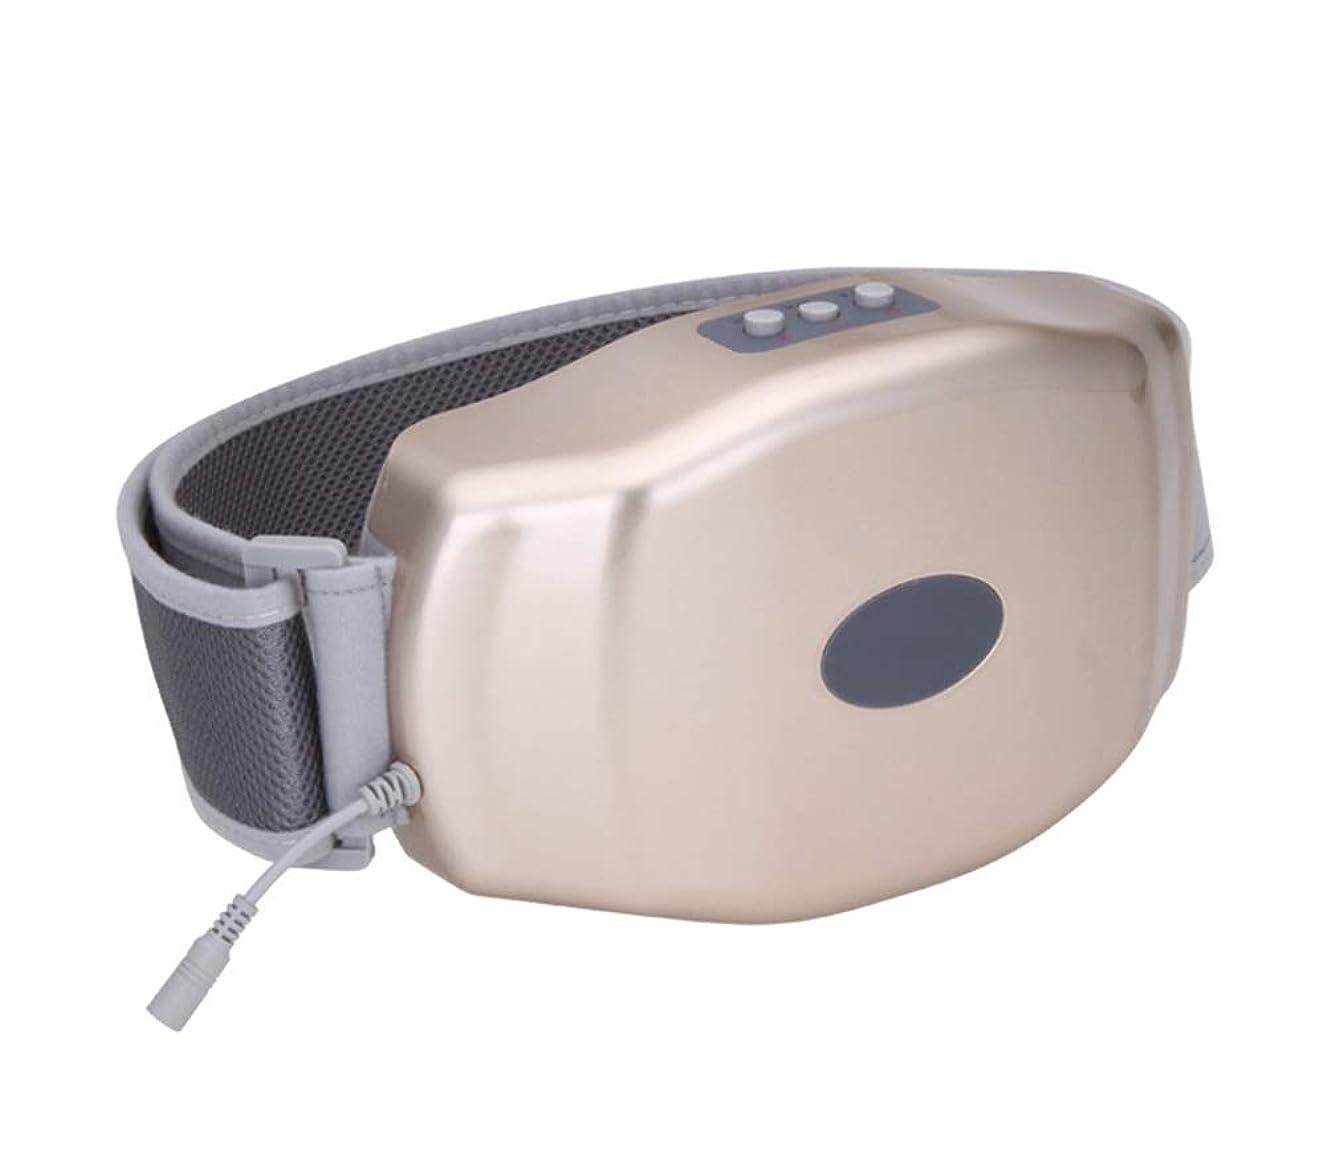 実施するトランクライブラリ四面体多機能腹部マッサージ - 電気ファットバーナー - 腹部減量マッサージ振動便秘腹部理学療法ベルト加熱男性と女性のベルト